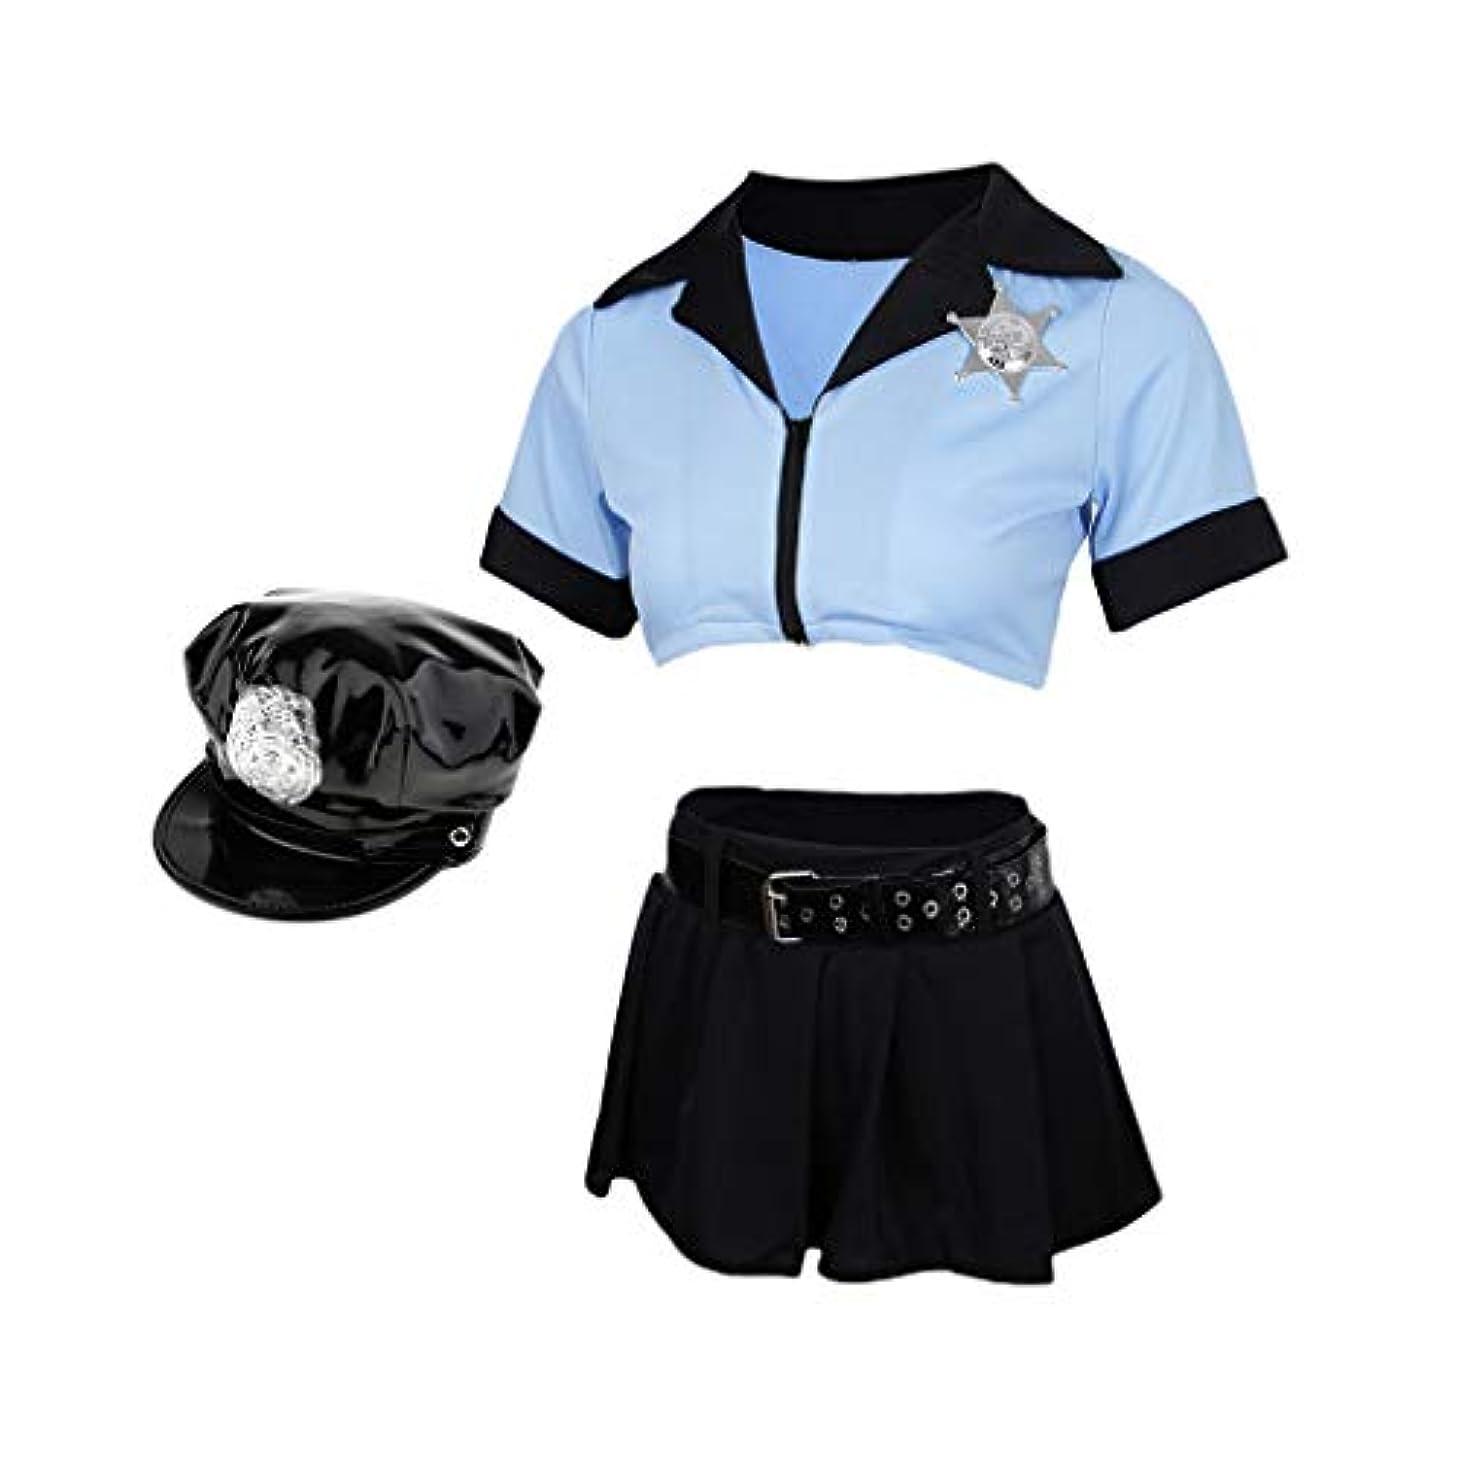 販売計画大工ゼリーD DOLITY レディース 警察官 婦人警官 コスプレ セット 写真 可愛い